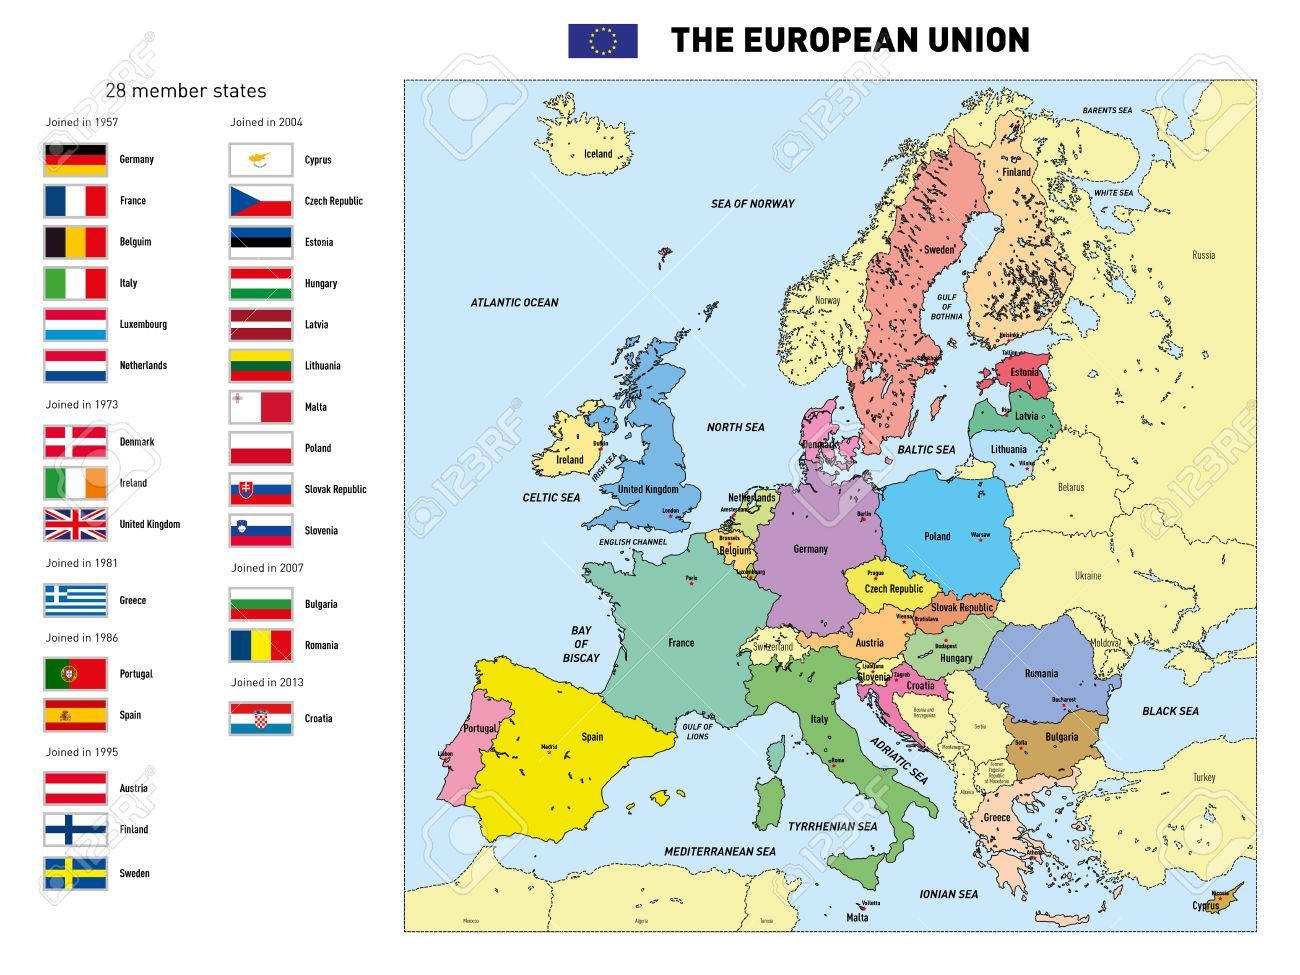 Vector Très Détaillée Carte Politique De L'union Européenne Avec Des  Drapeaux Et Capitales. Tous Les Éléments Sont Séparés Dans Des Couches encequiconcerne Capitale Union Européenne